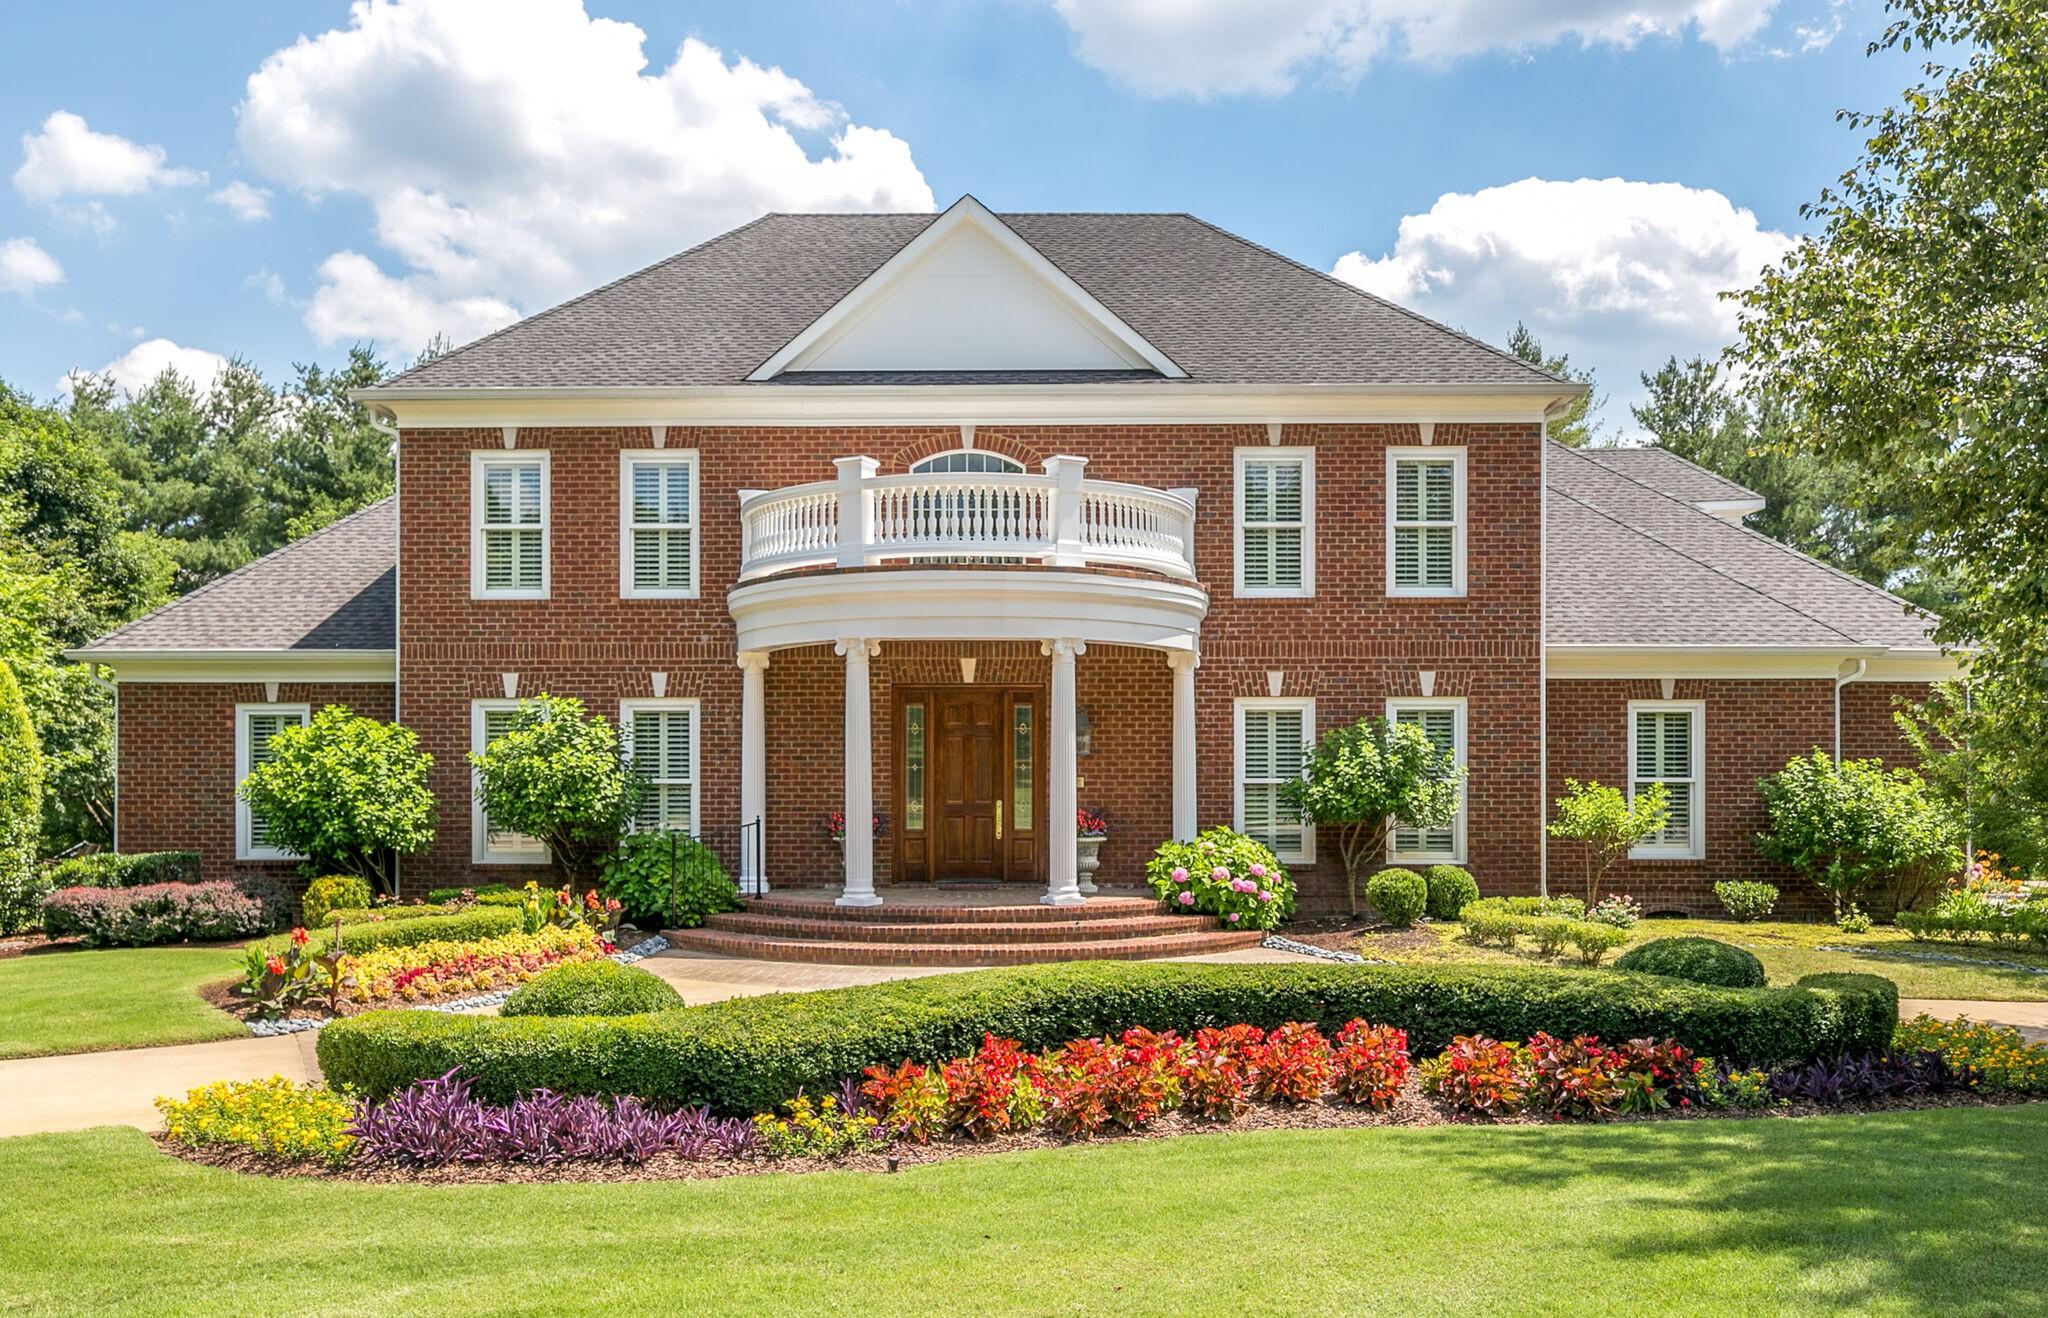 1410 Broadlands Dr Property Photo 1